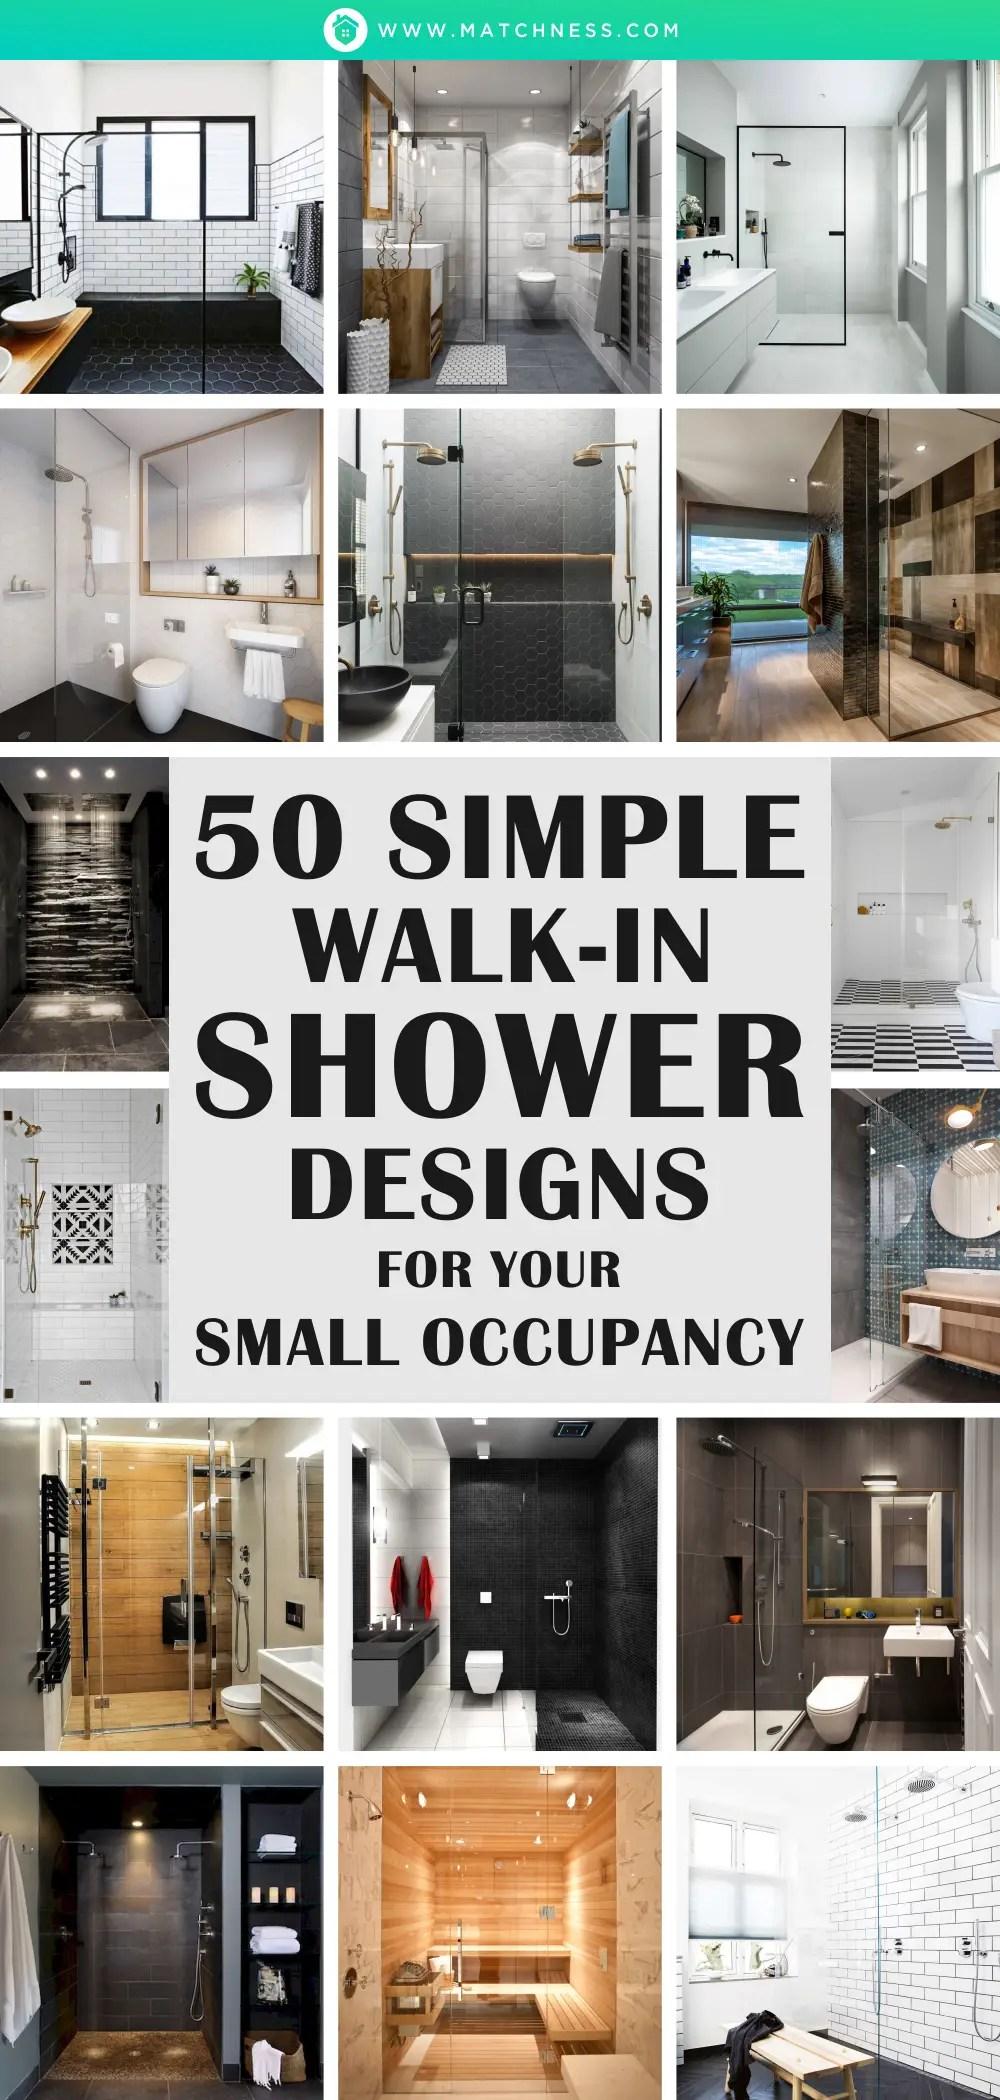 50 semplici modelli di doccia walk-in per la tua piccola occupazione1